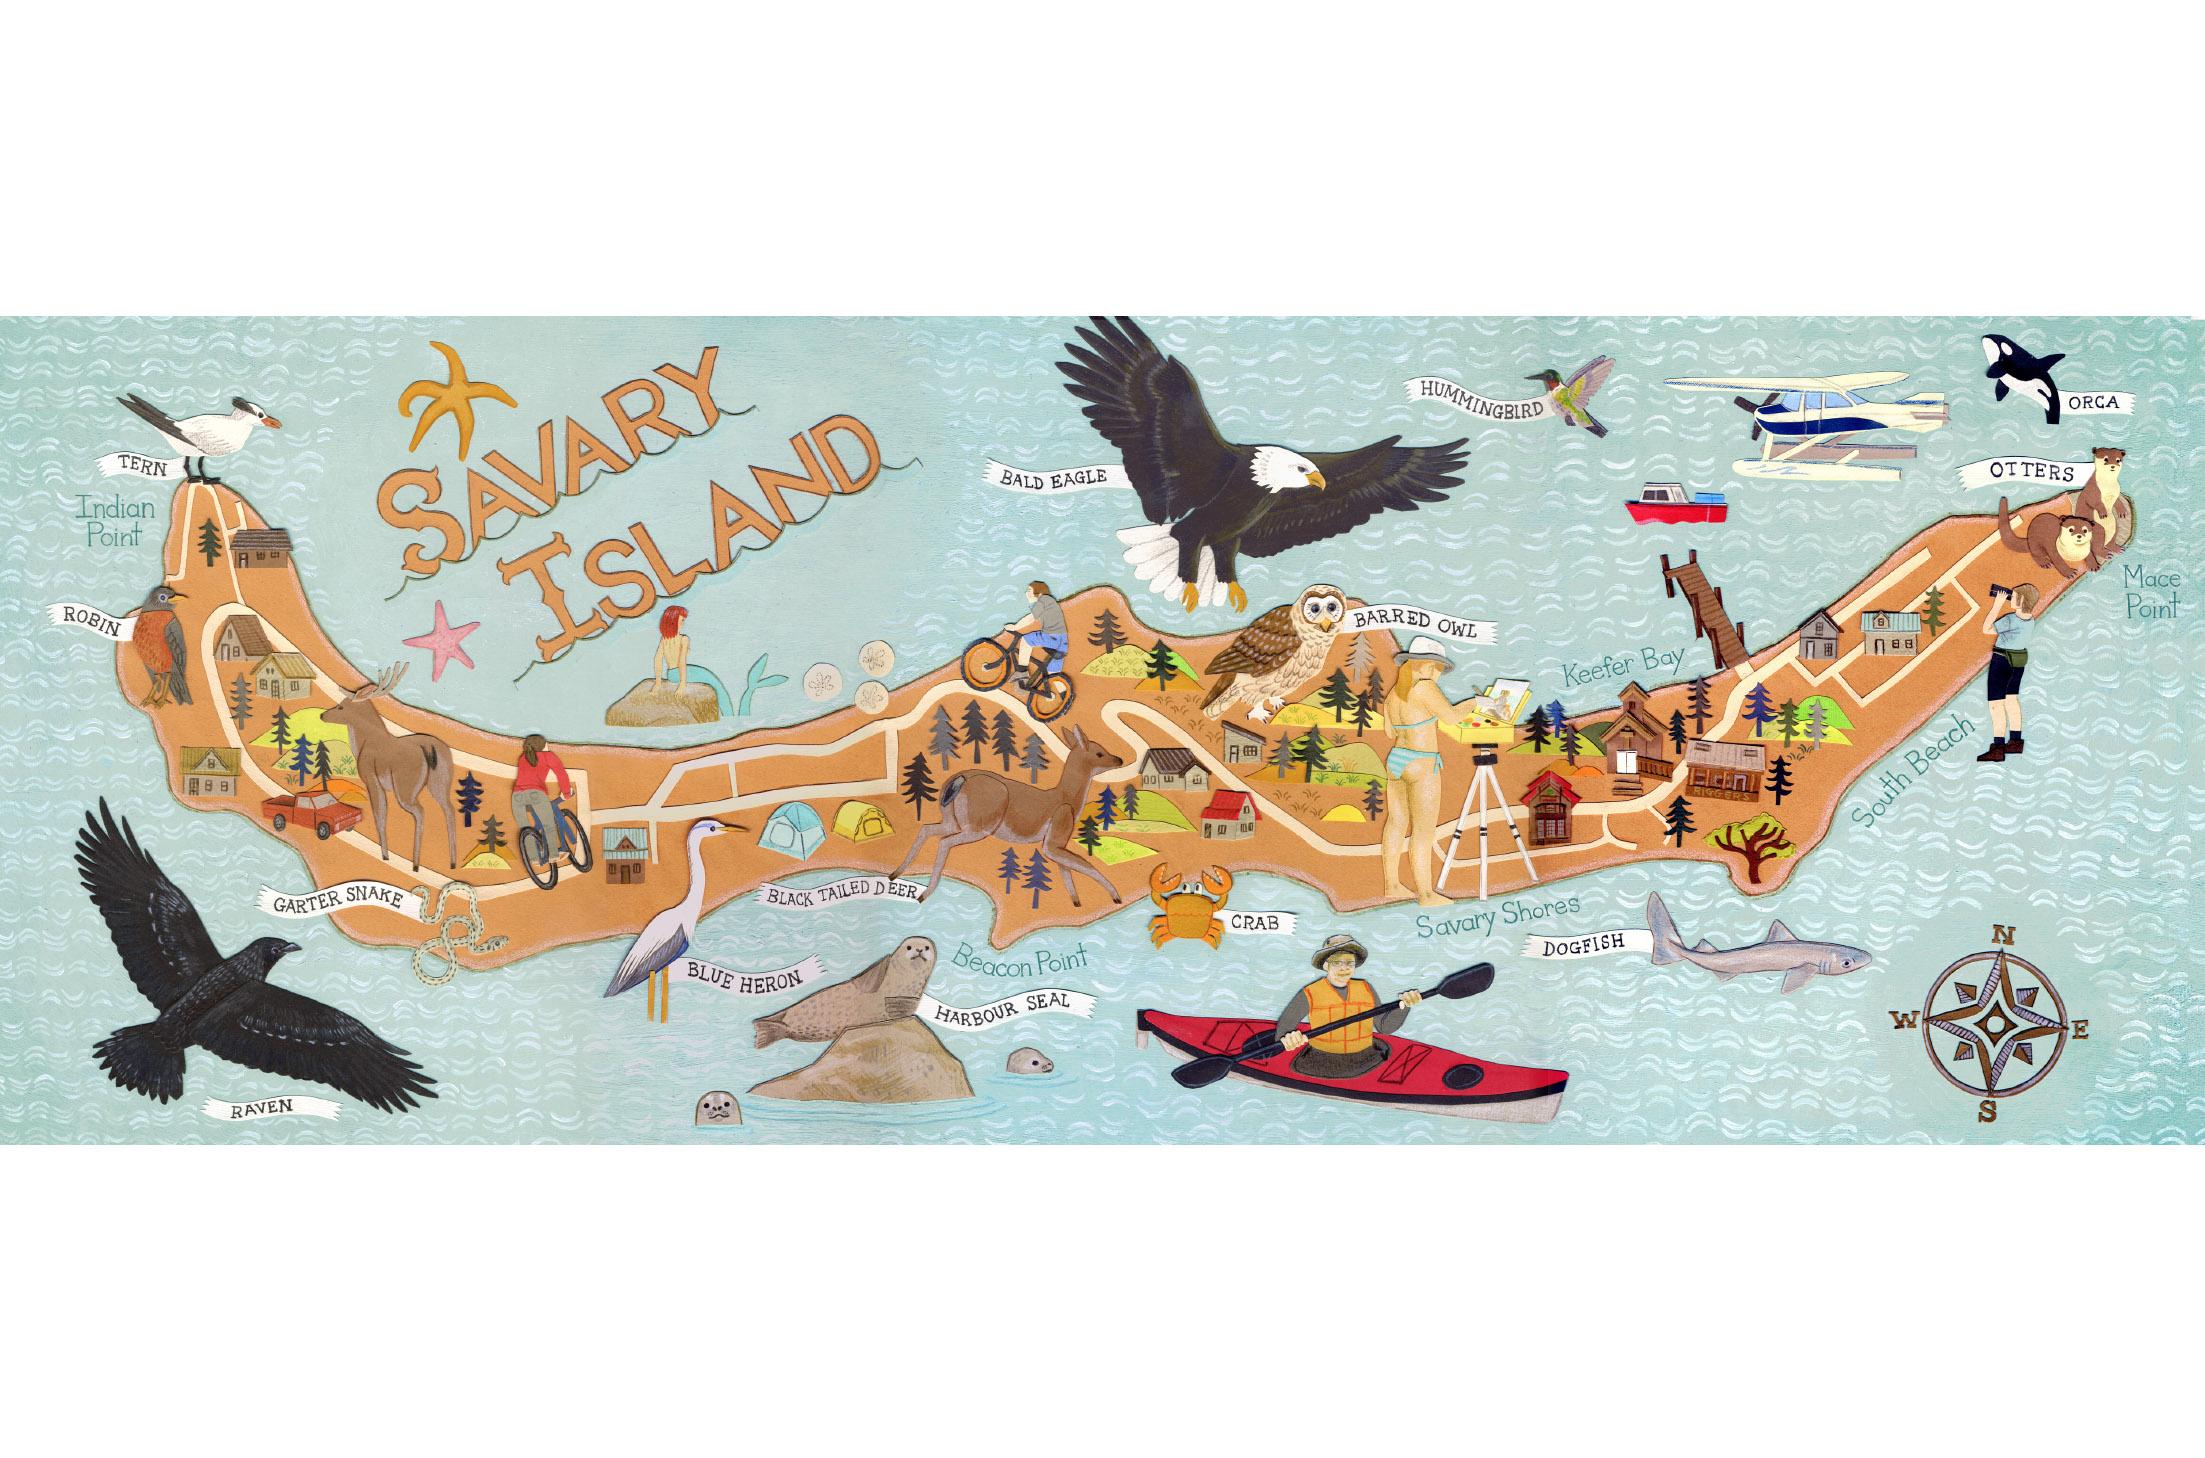 savary_island_illustrated_map.jpg